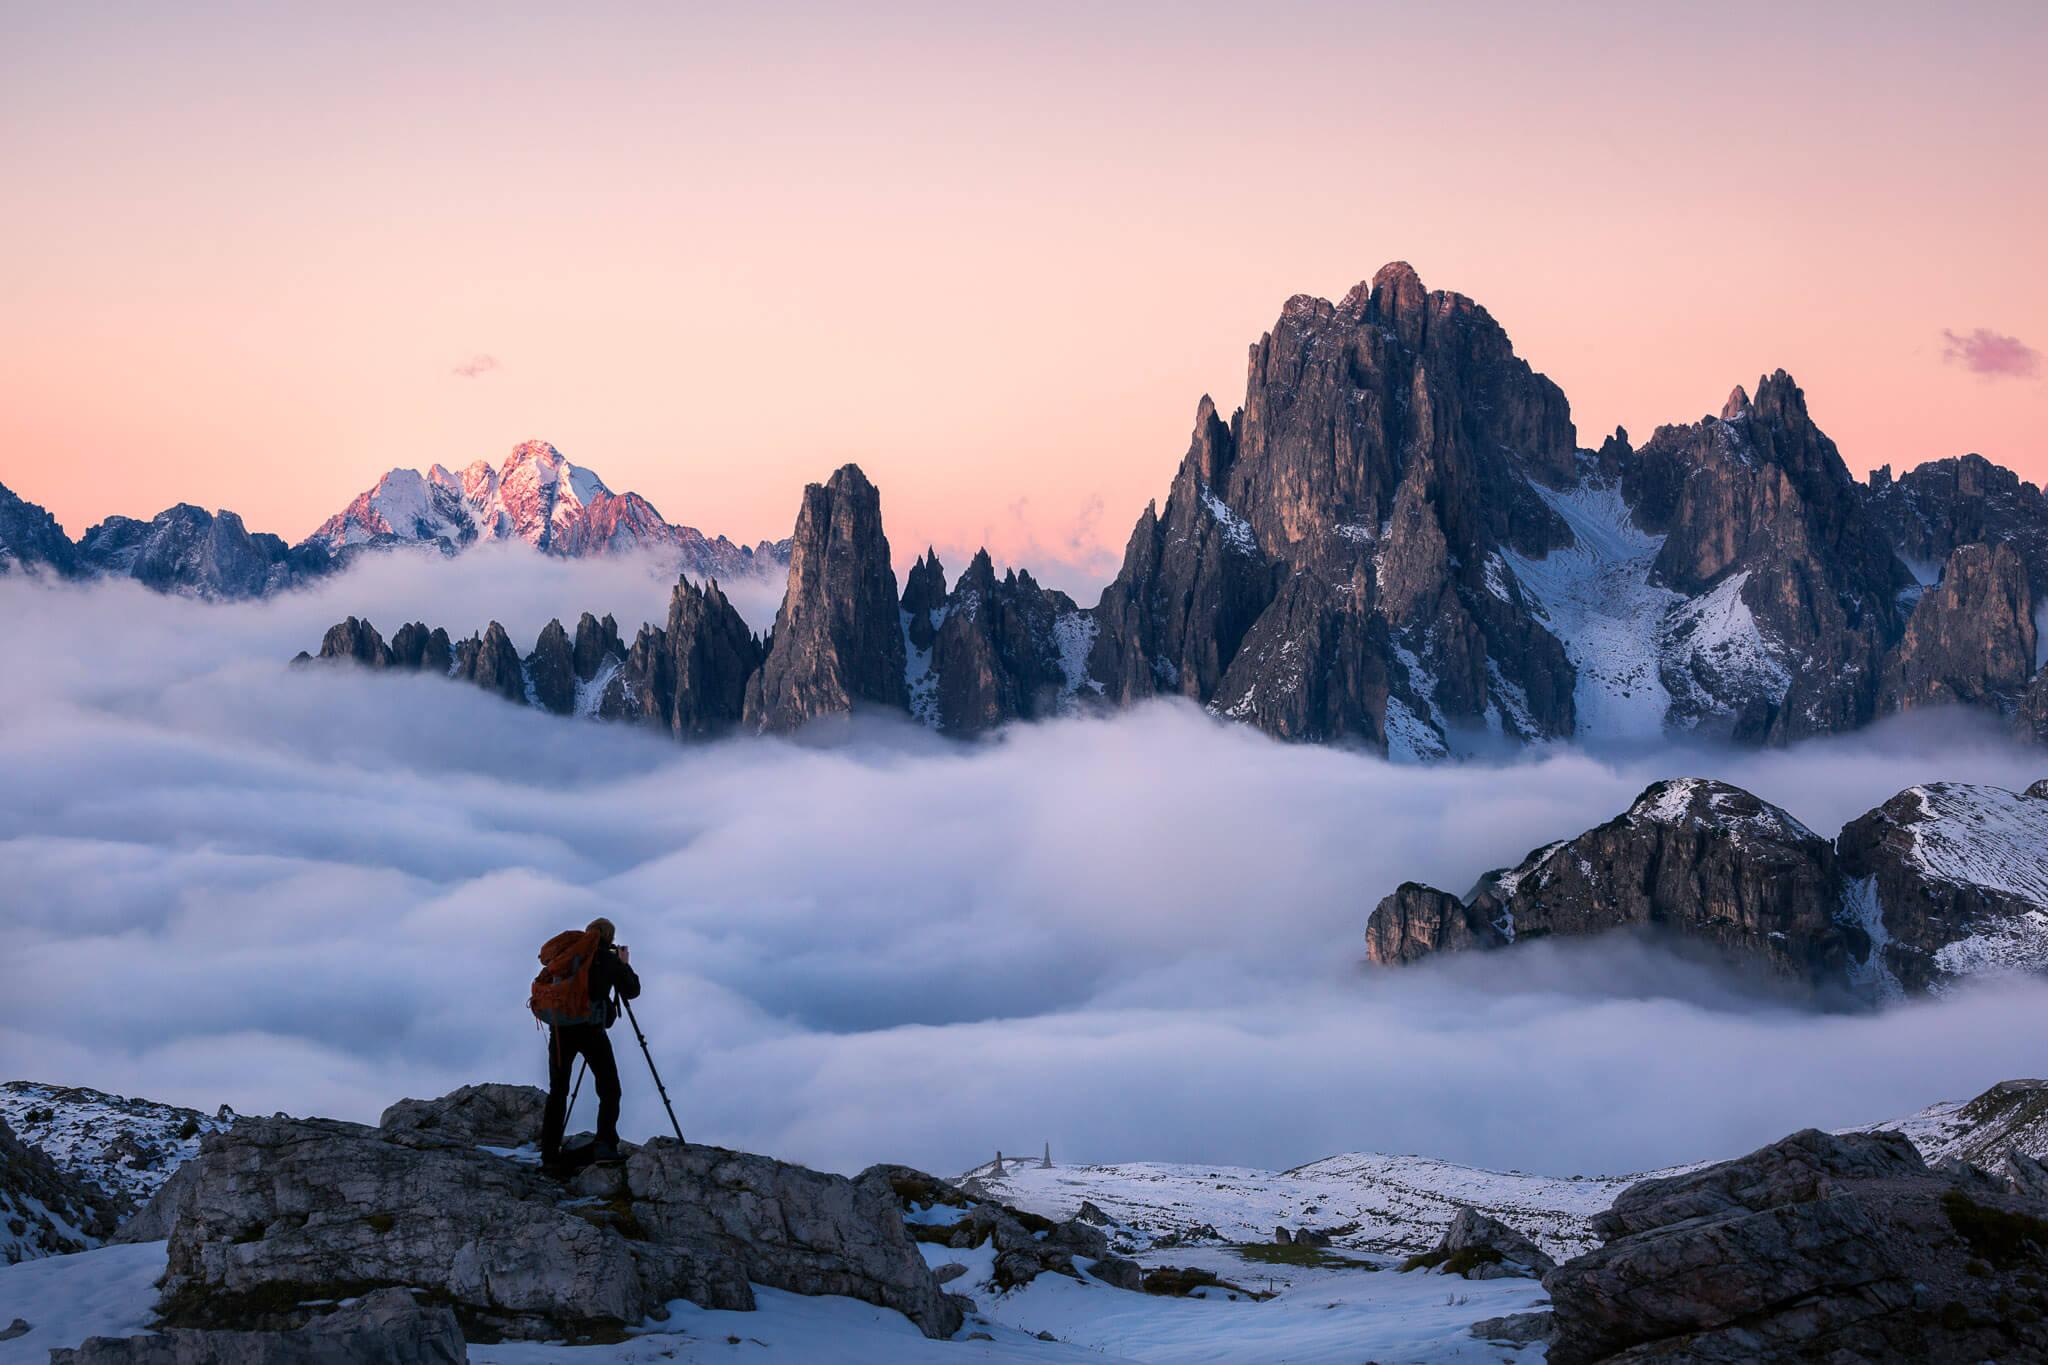 Cadini di Misurina in the Dolomites with fog around